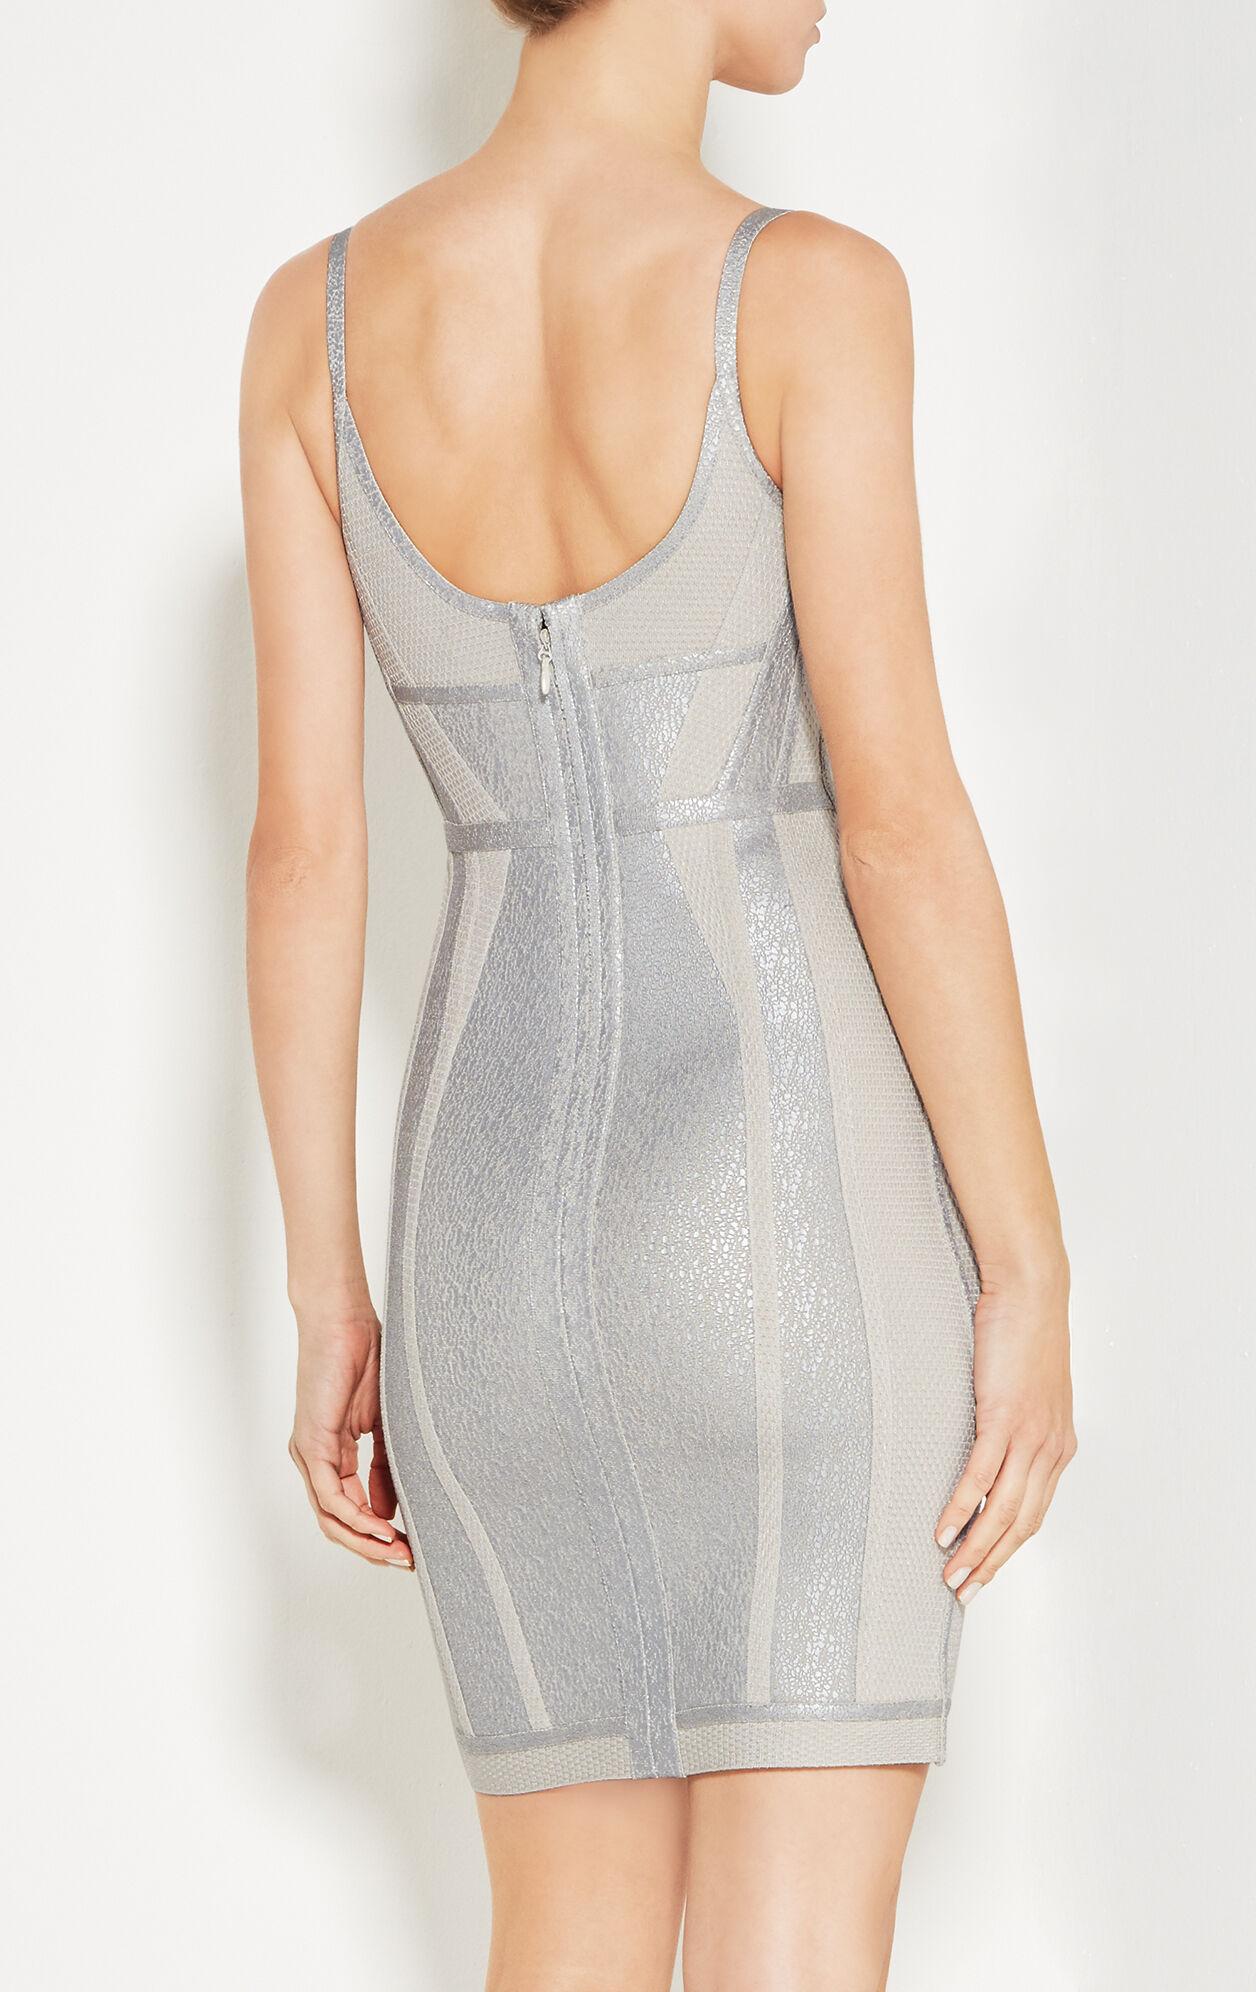 Jener Crackled Metallic Foil Dress